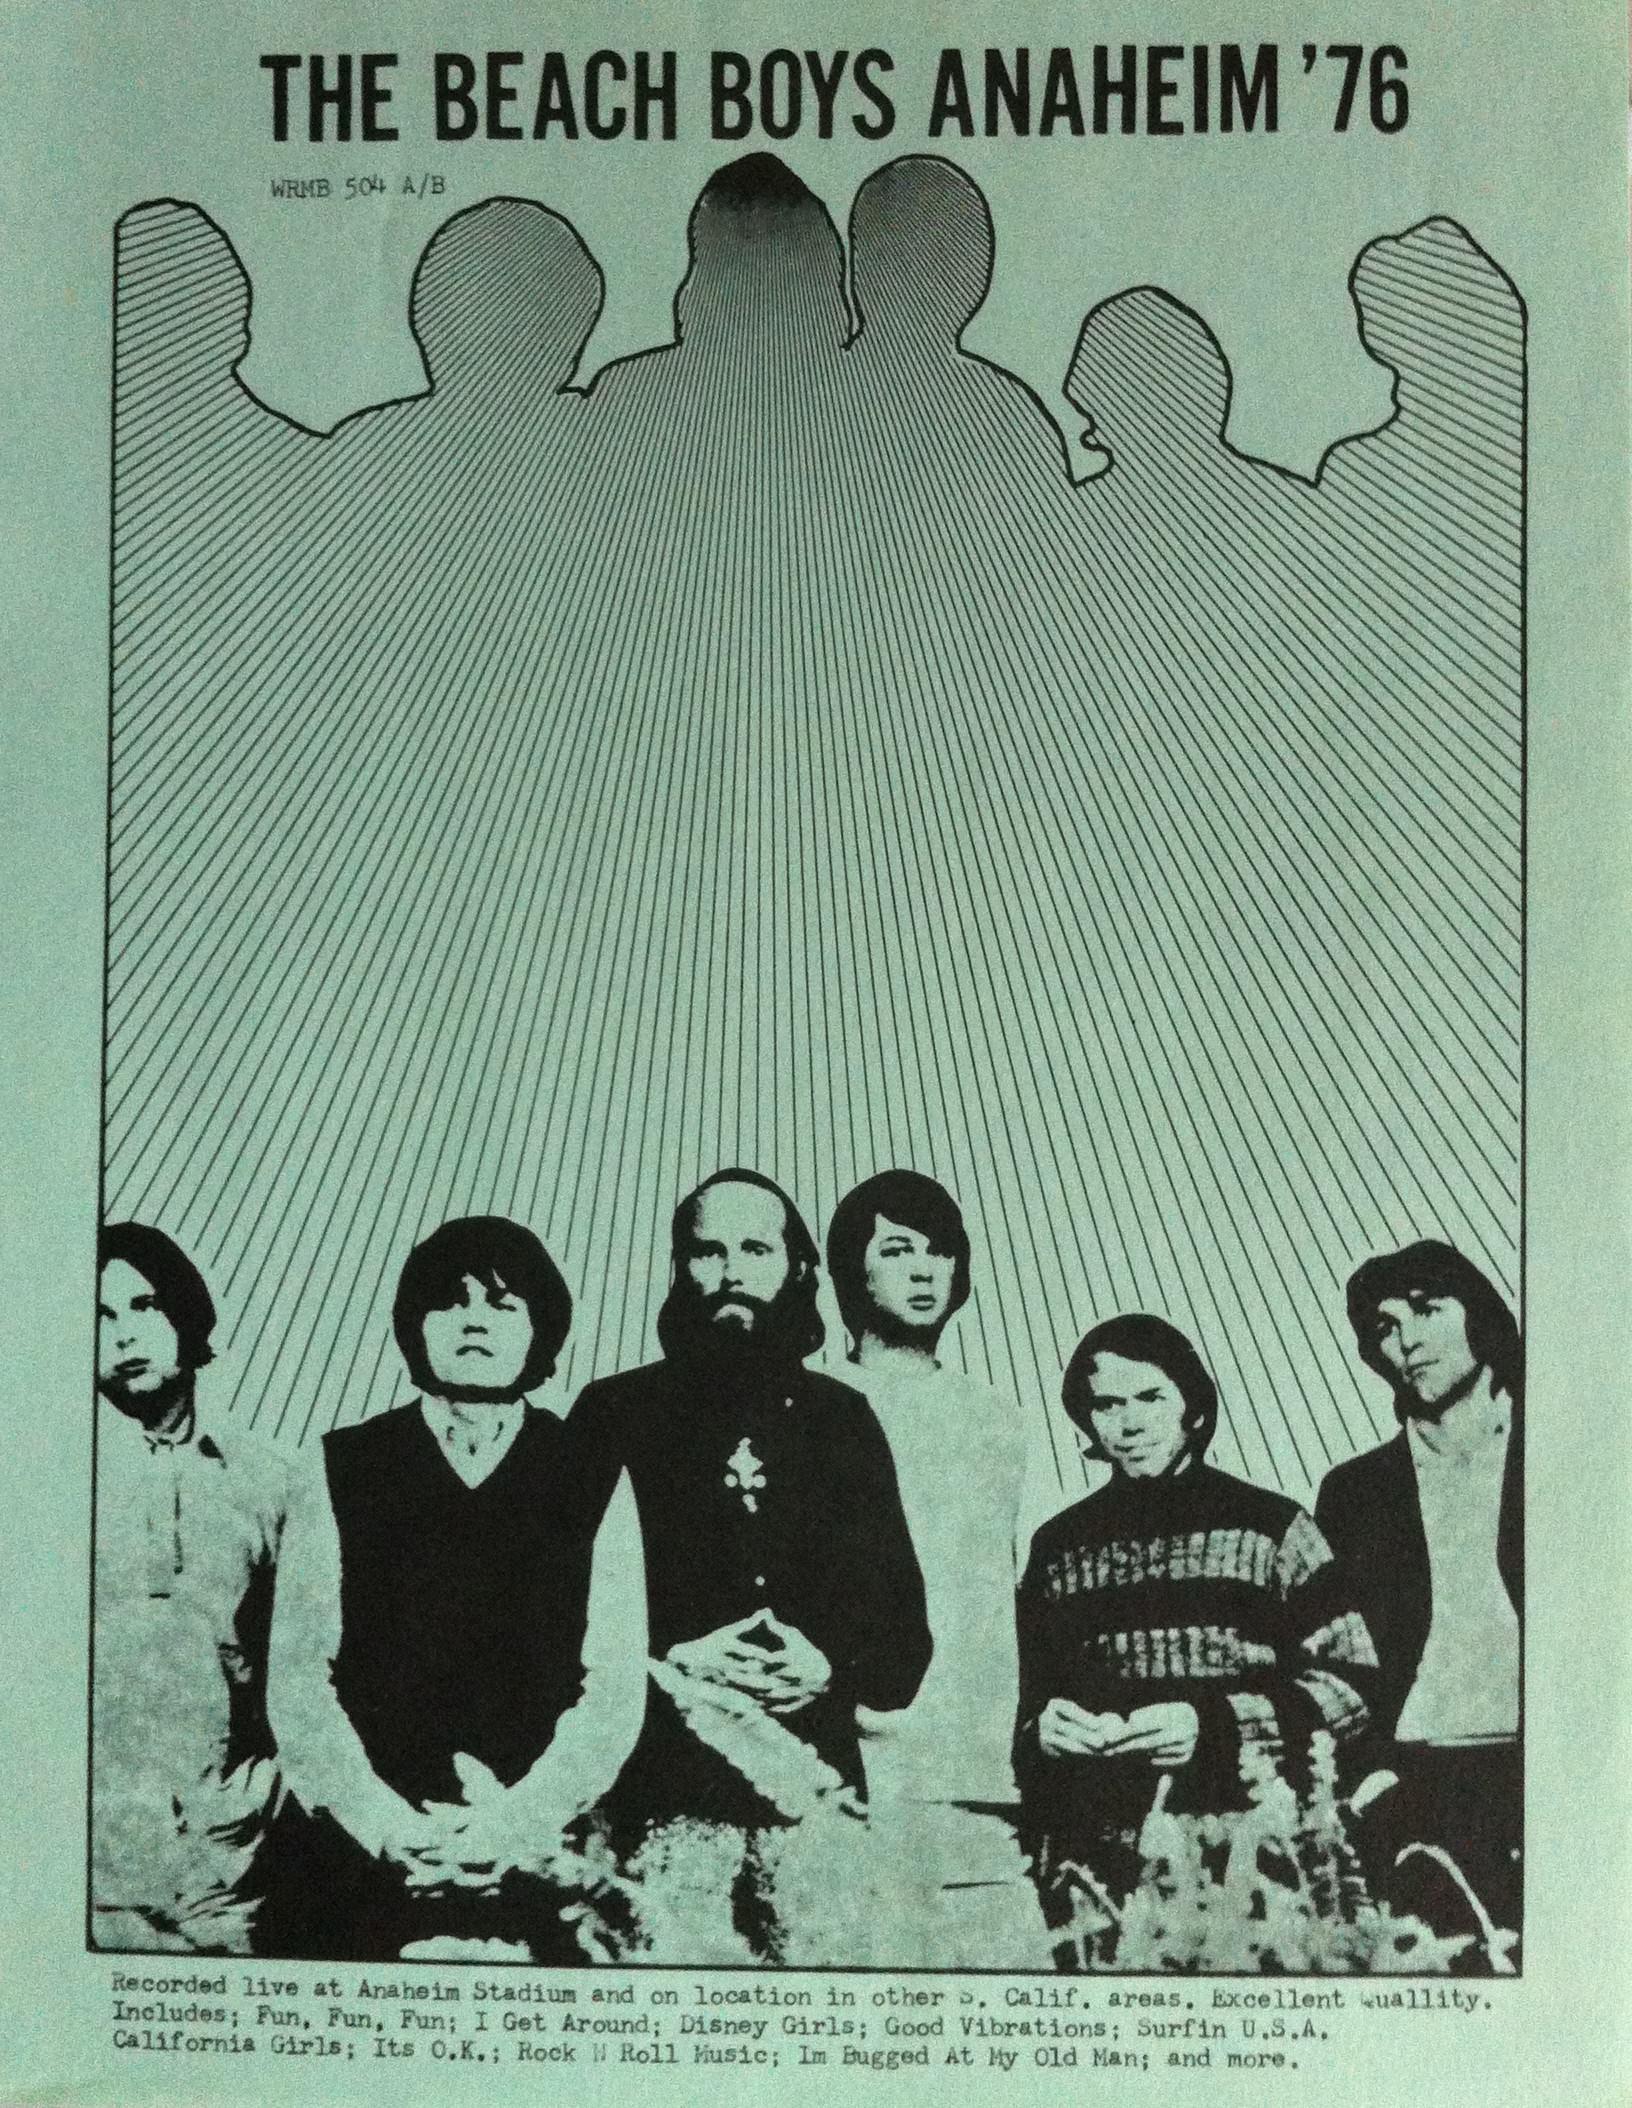 Anaheim '76 cover